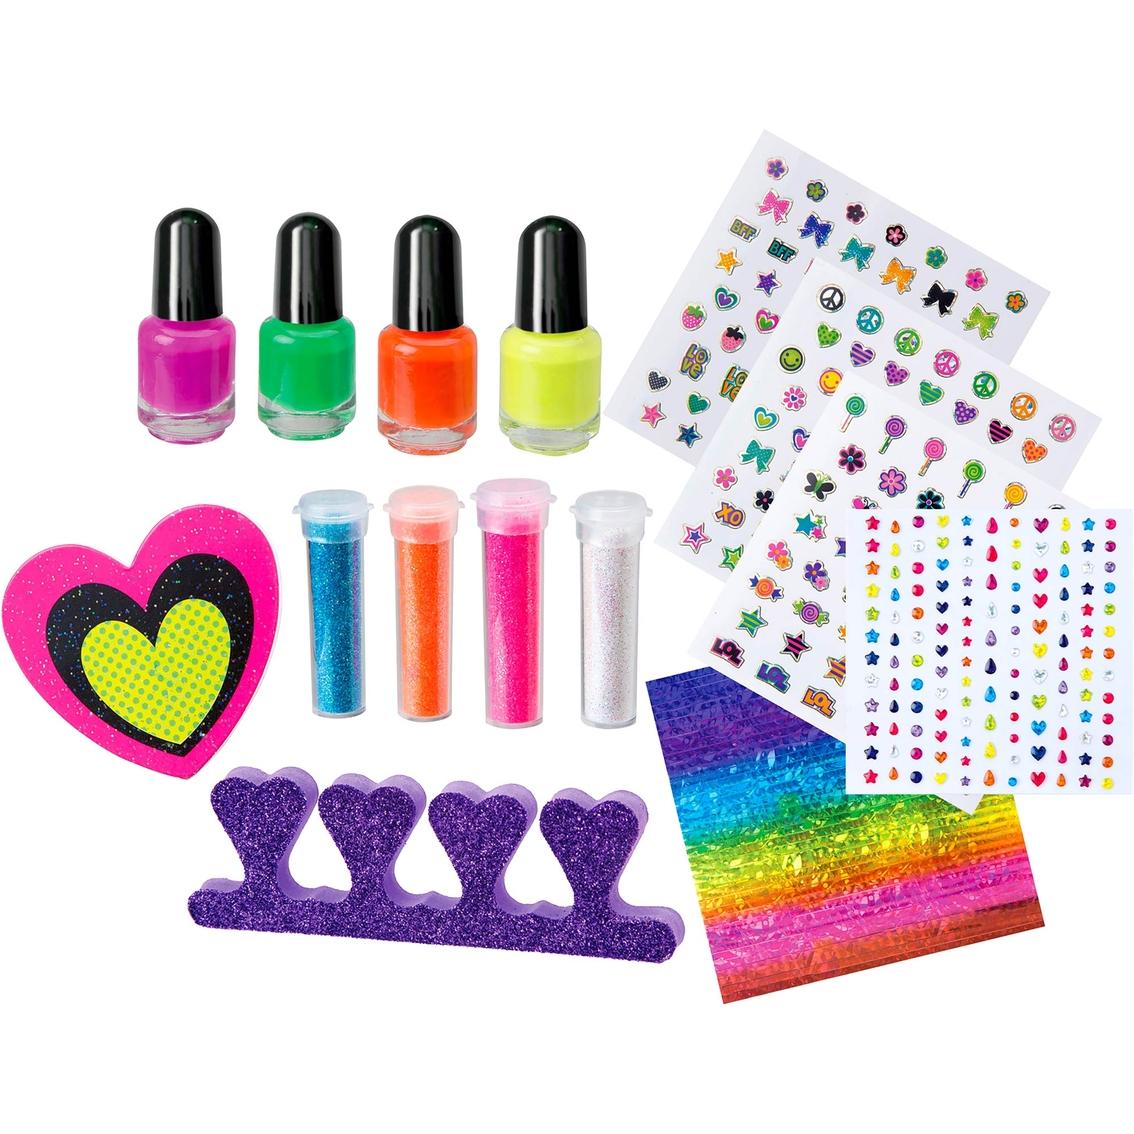 Alex Toys Spa Ultimate Nail Glam Salon Kit | Kids\' Crafts | Baby ...